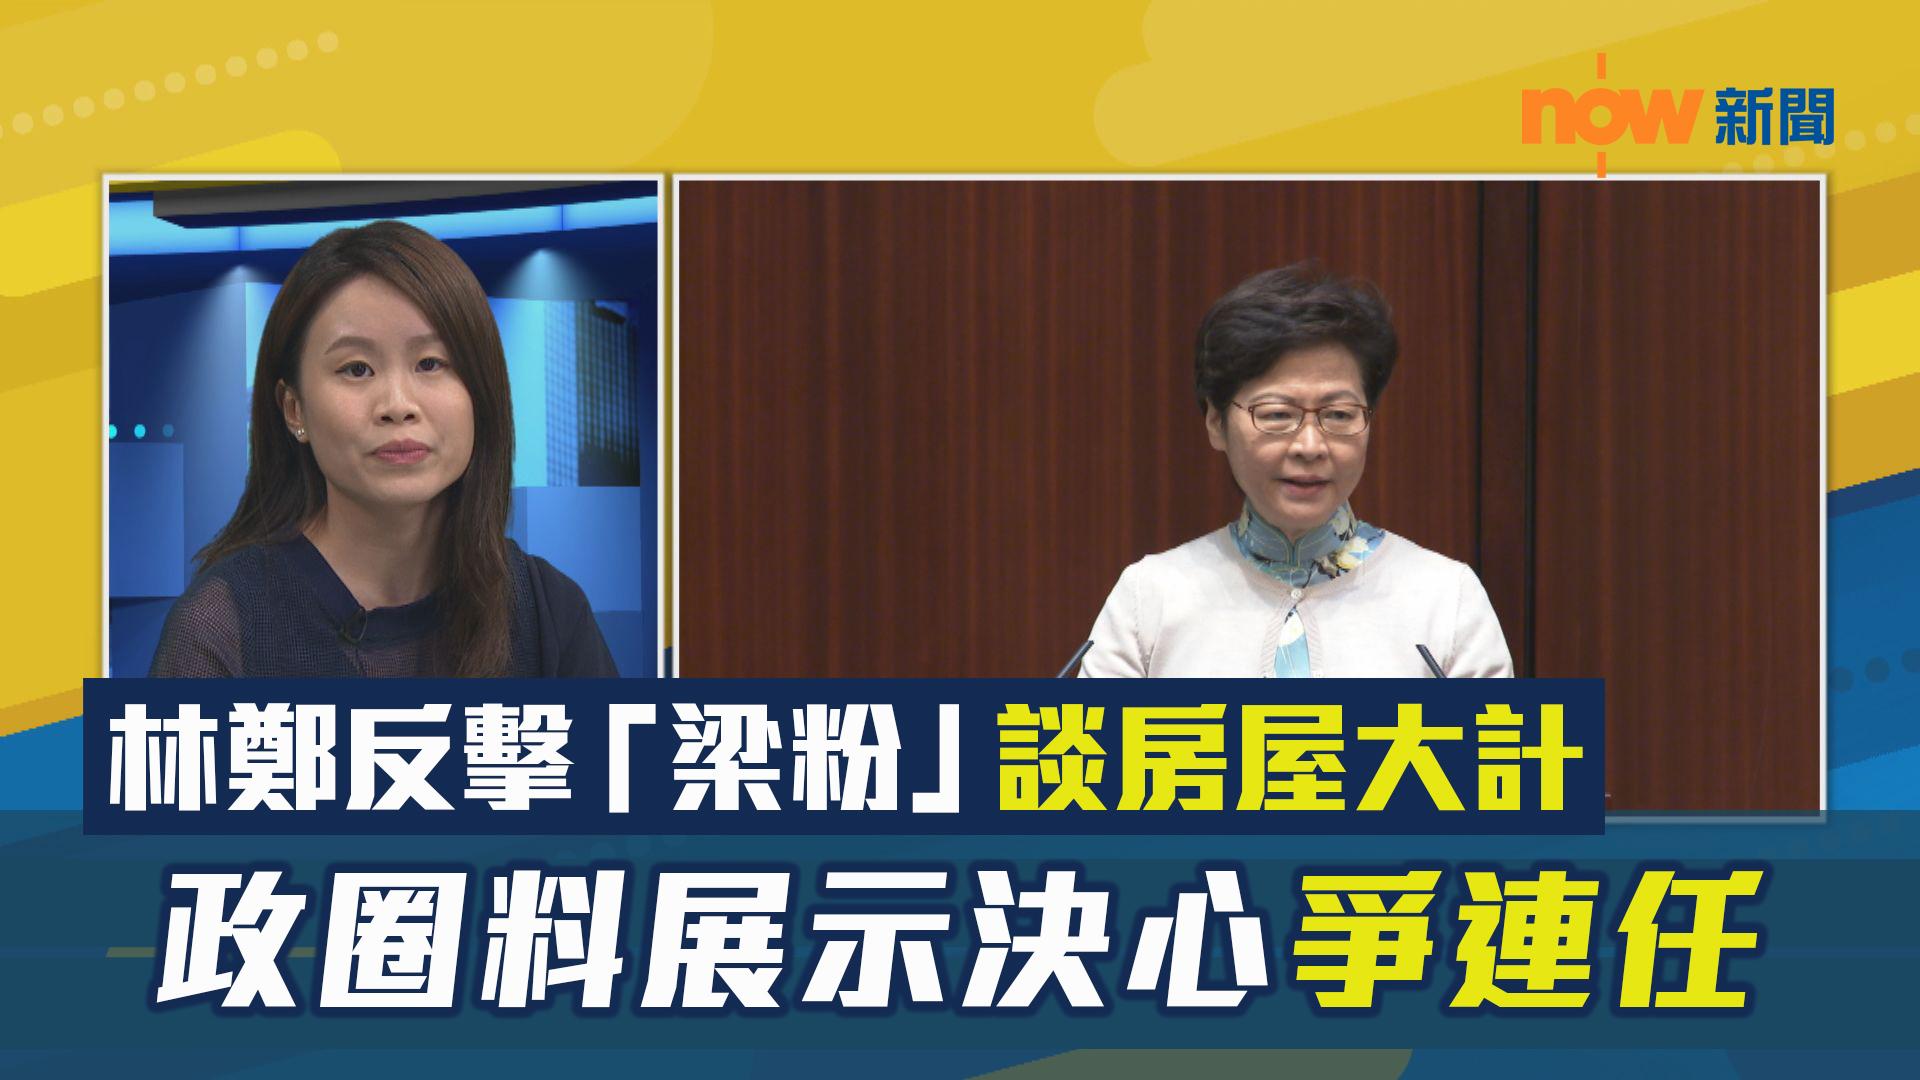 【政情】林鄭反擊「梁粉」談房屋大計 政圈料展示決心爭連任